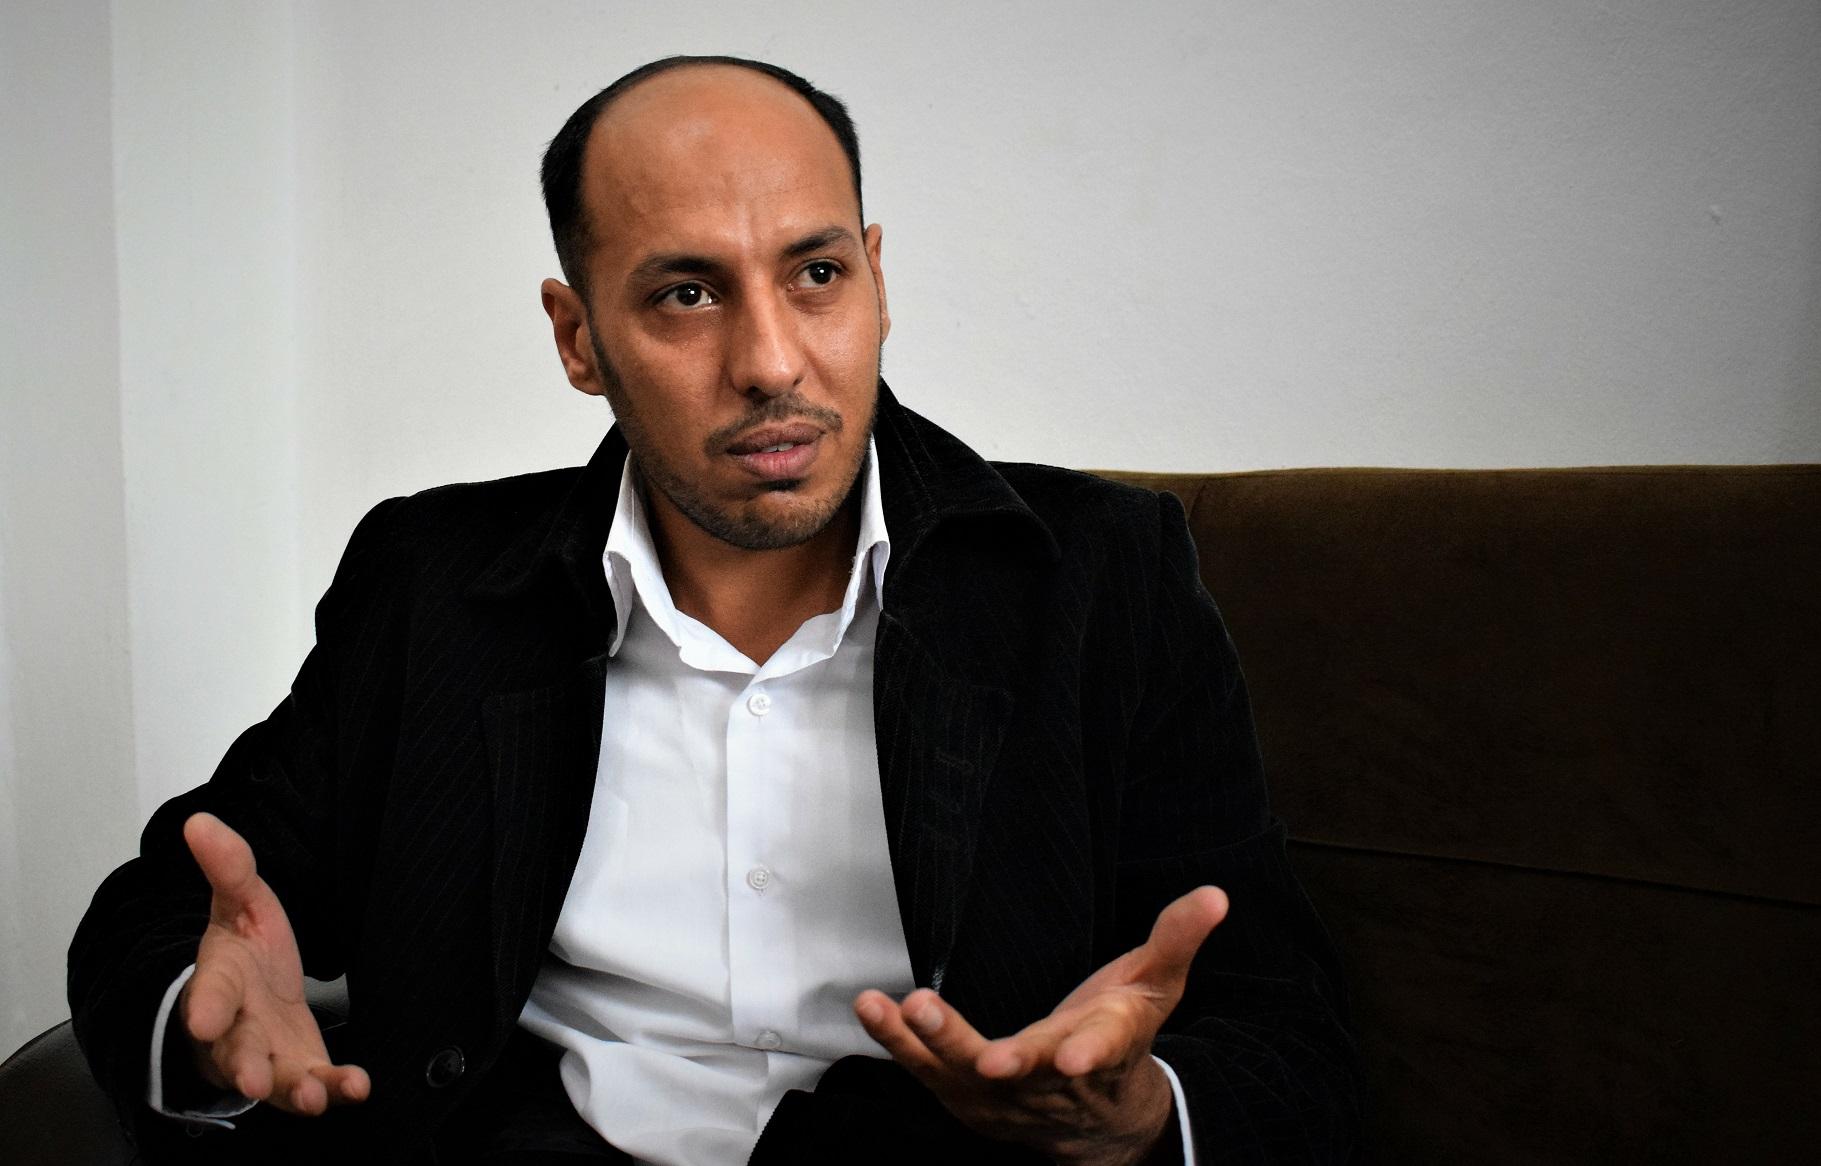 ممثل حزب الحداثة والديمقراطية: نخشى حصول الإرهابيين على دور في العملية السياسية